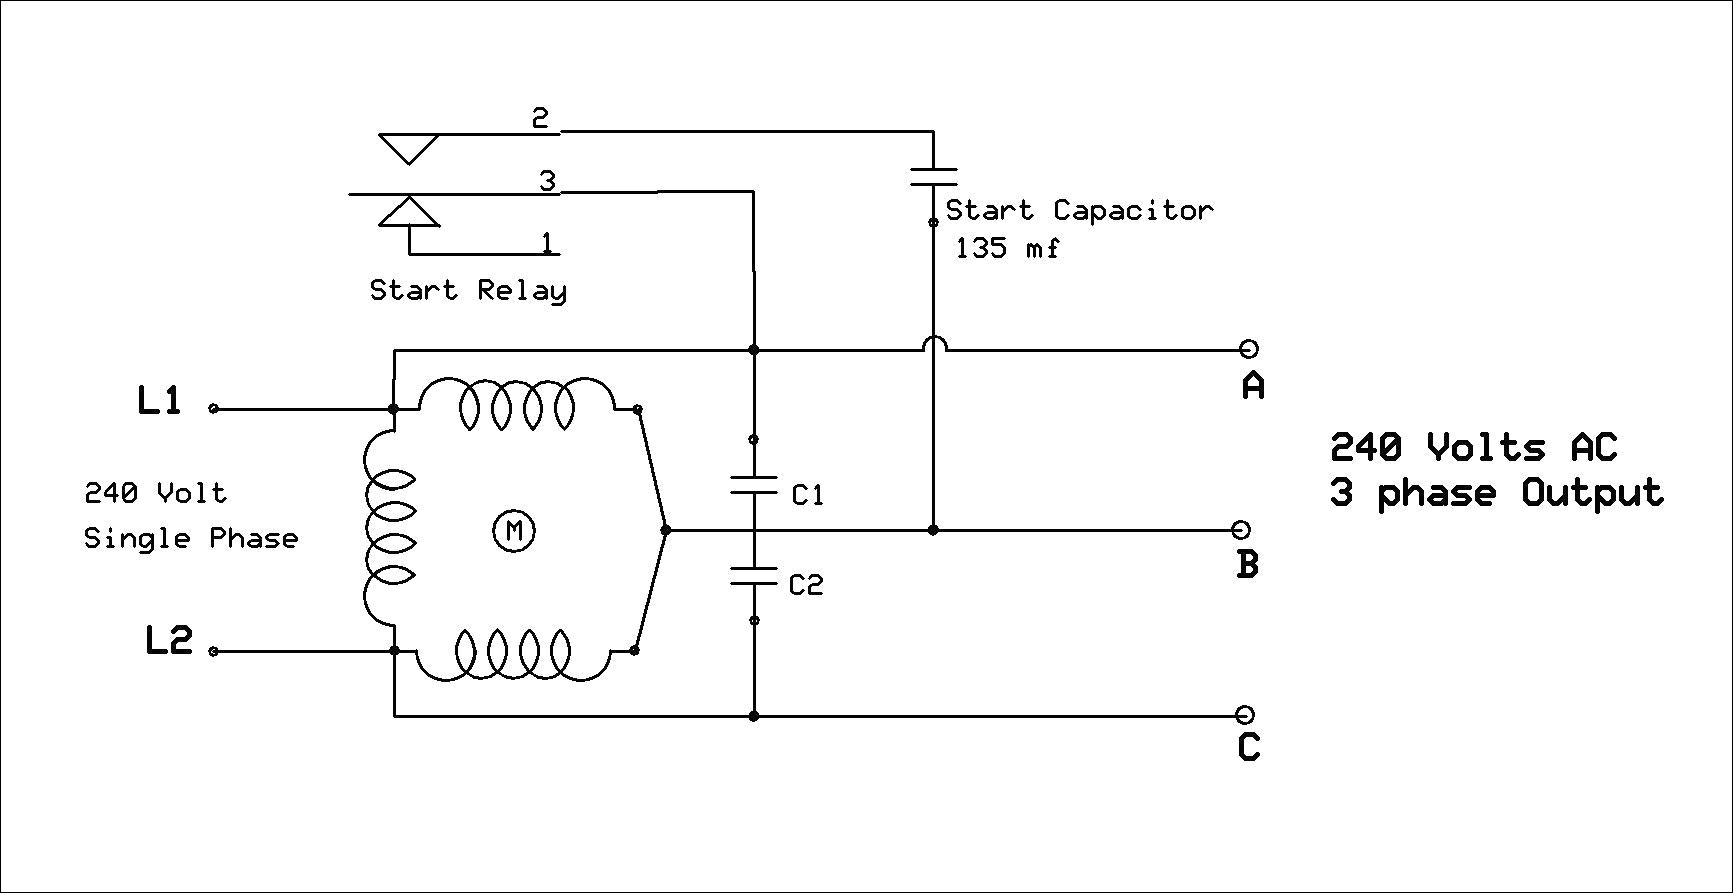 baldor single phase wiring diagram start cap fb 3560  baldor motor wiring test free diagram  baldor motor wiring test free diagram